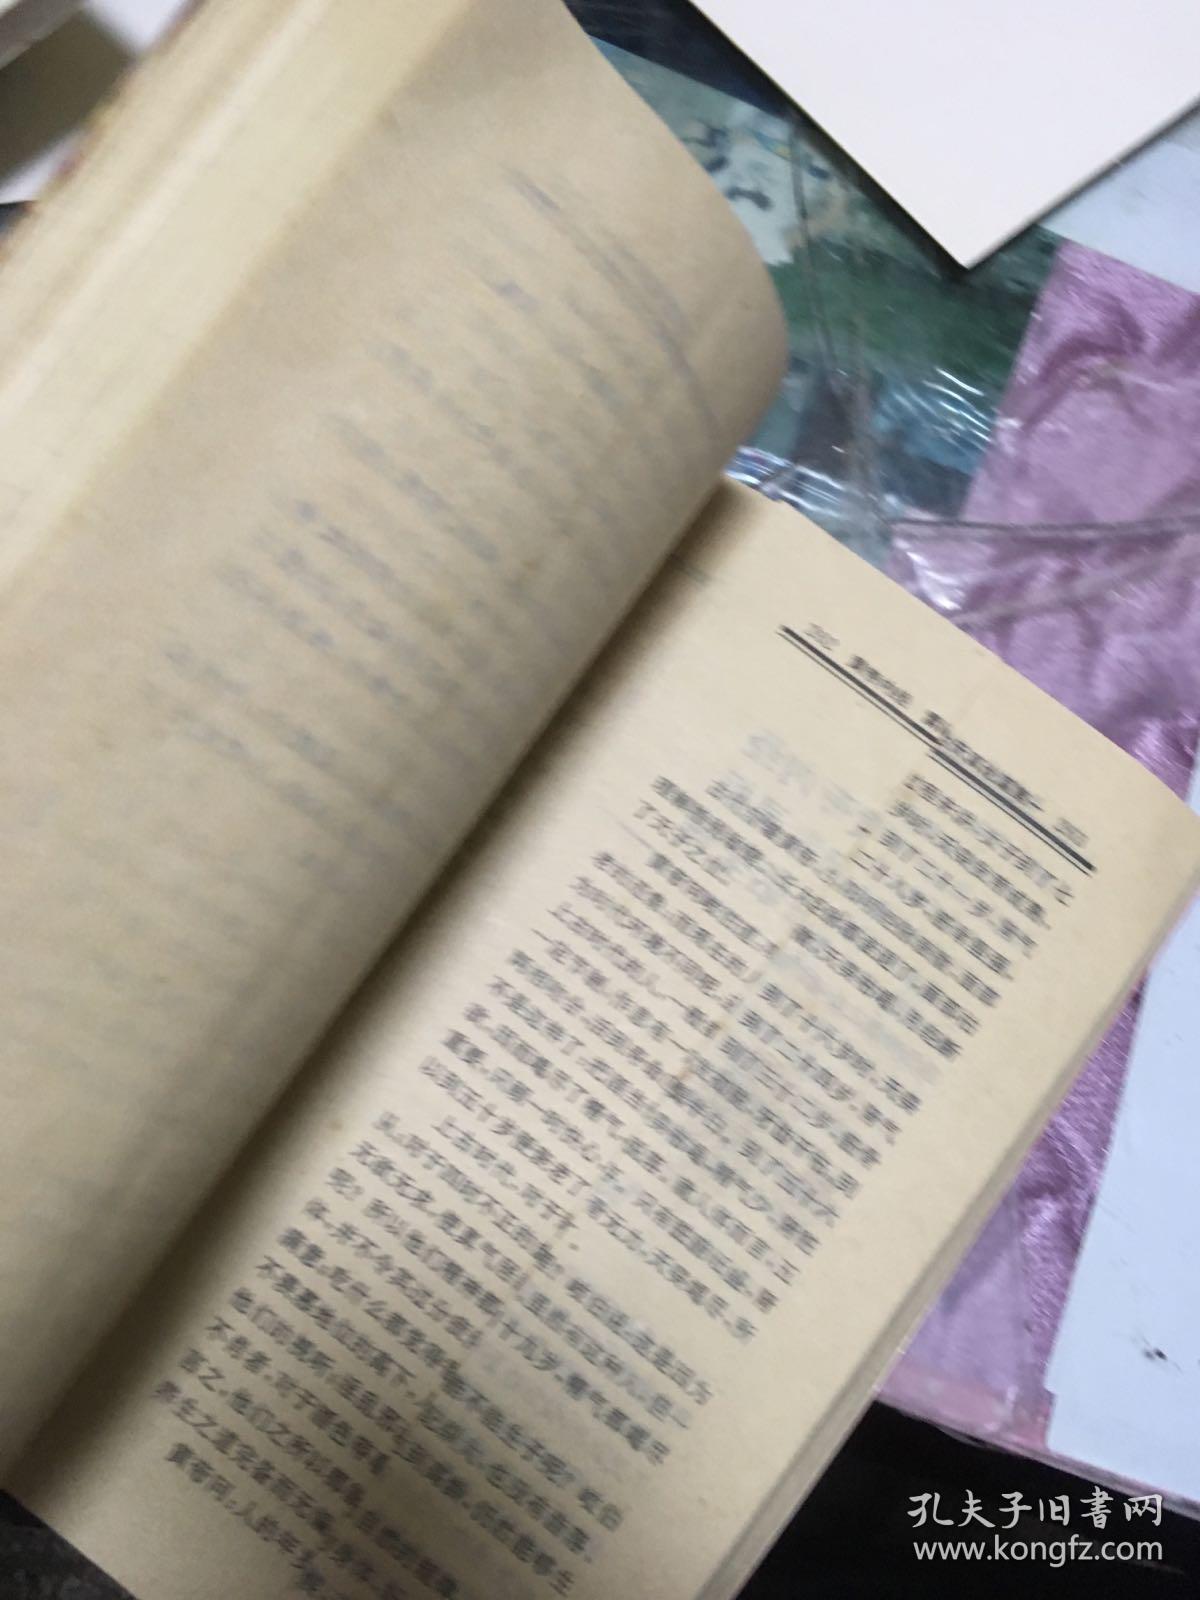 黄帝内经白话文对照,黄帝内经白话文在线阅读_随便看看吧文学